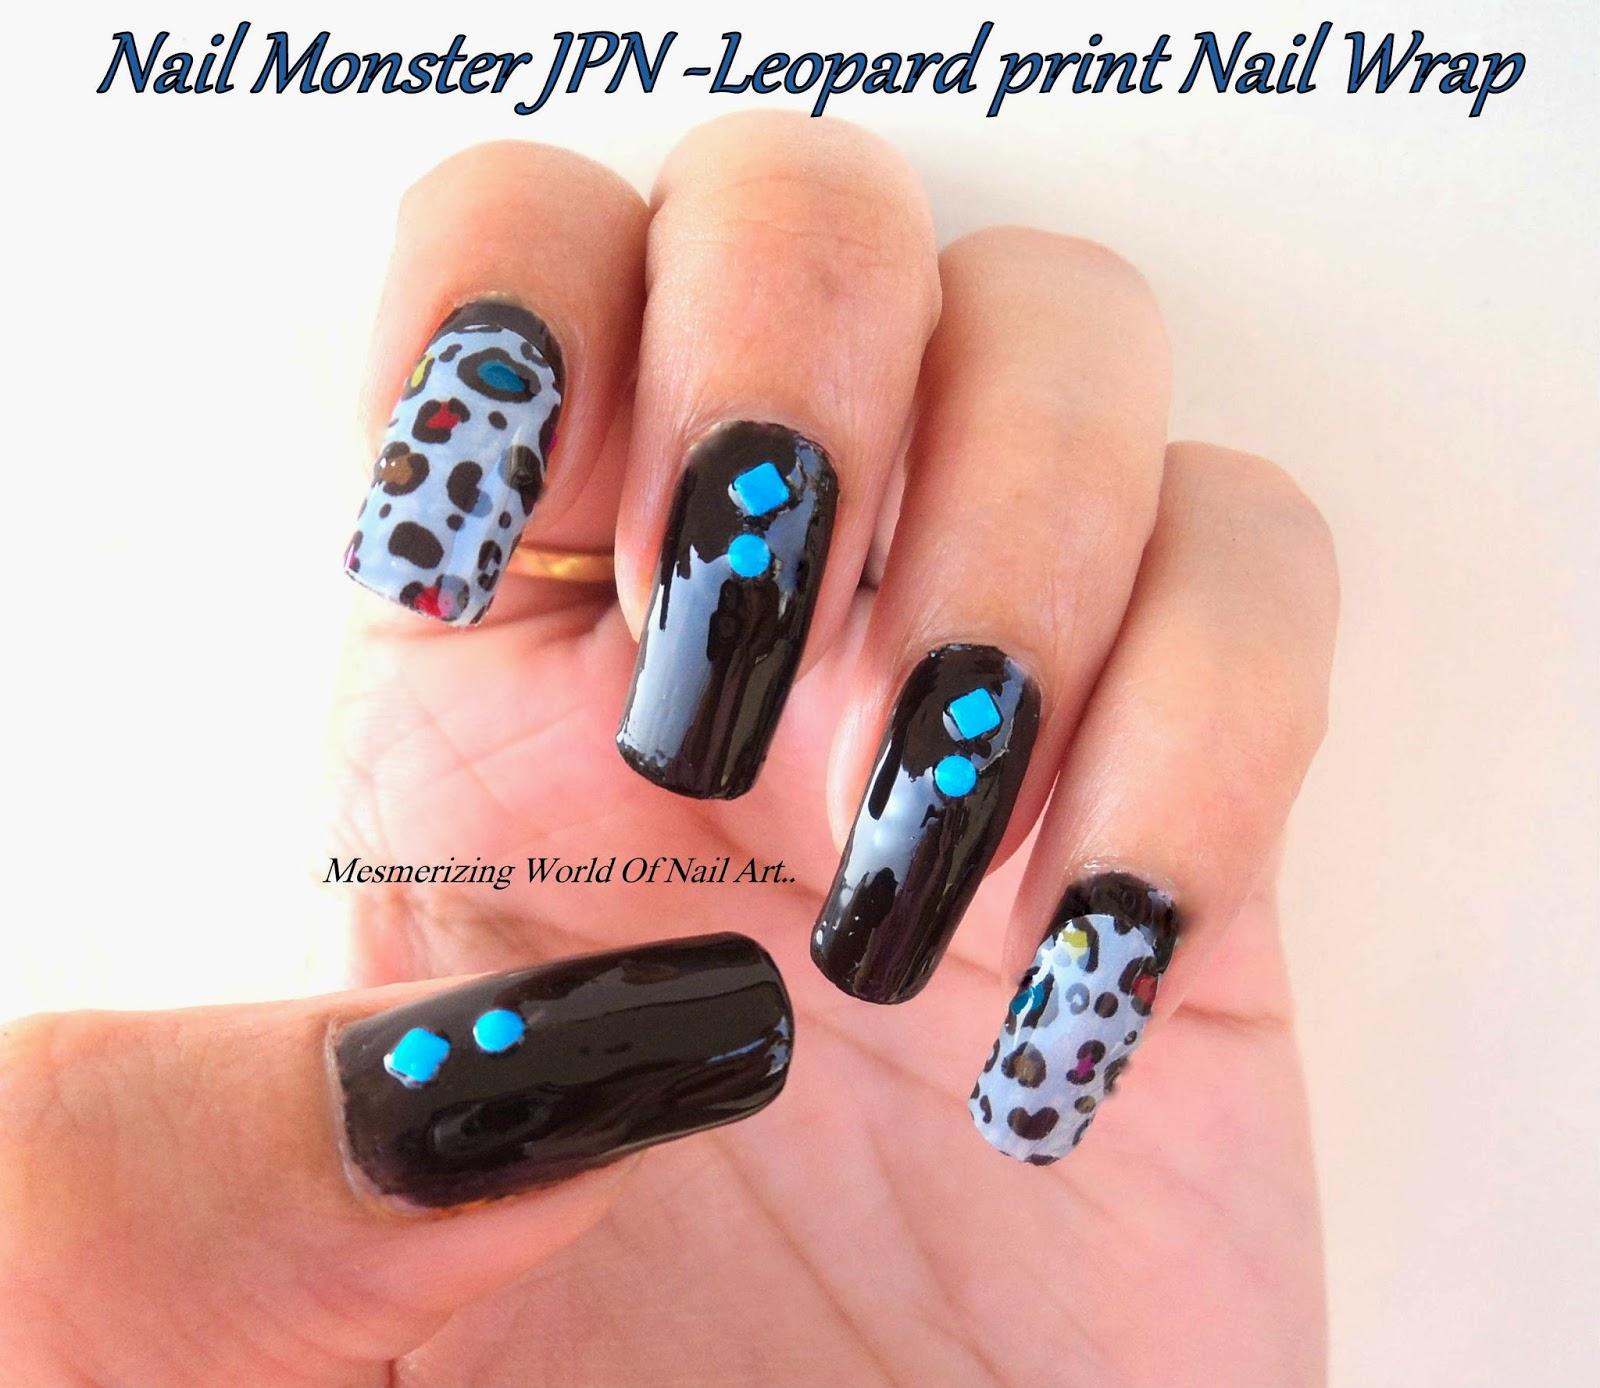 Nail Monster JPN Nail Wraps